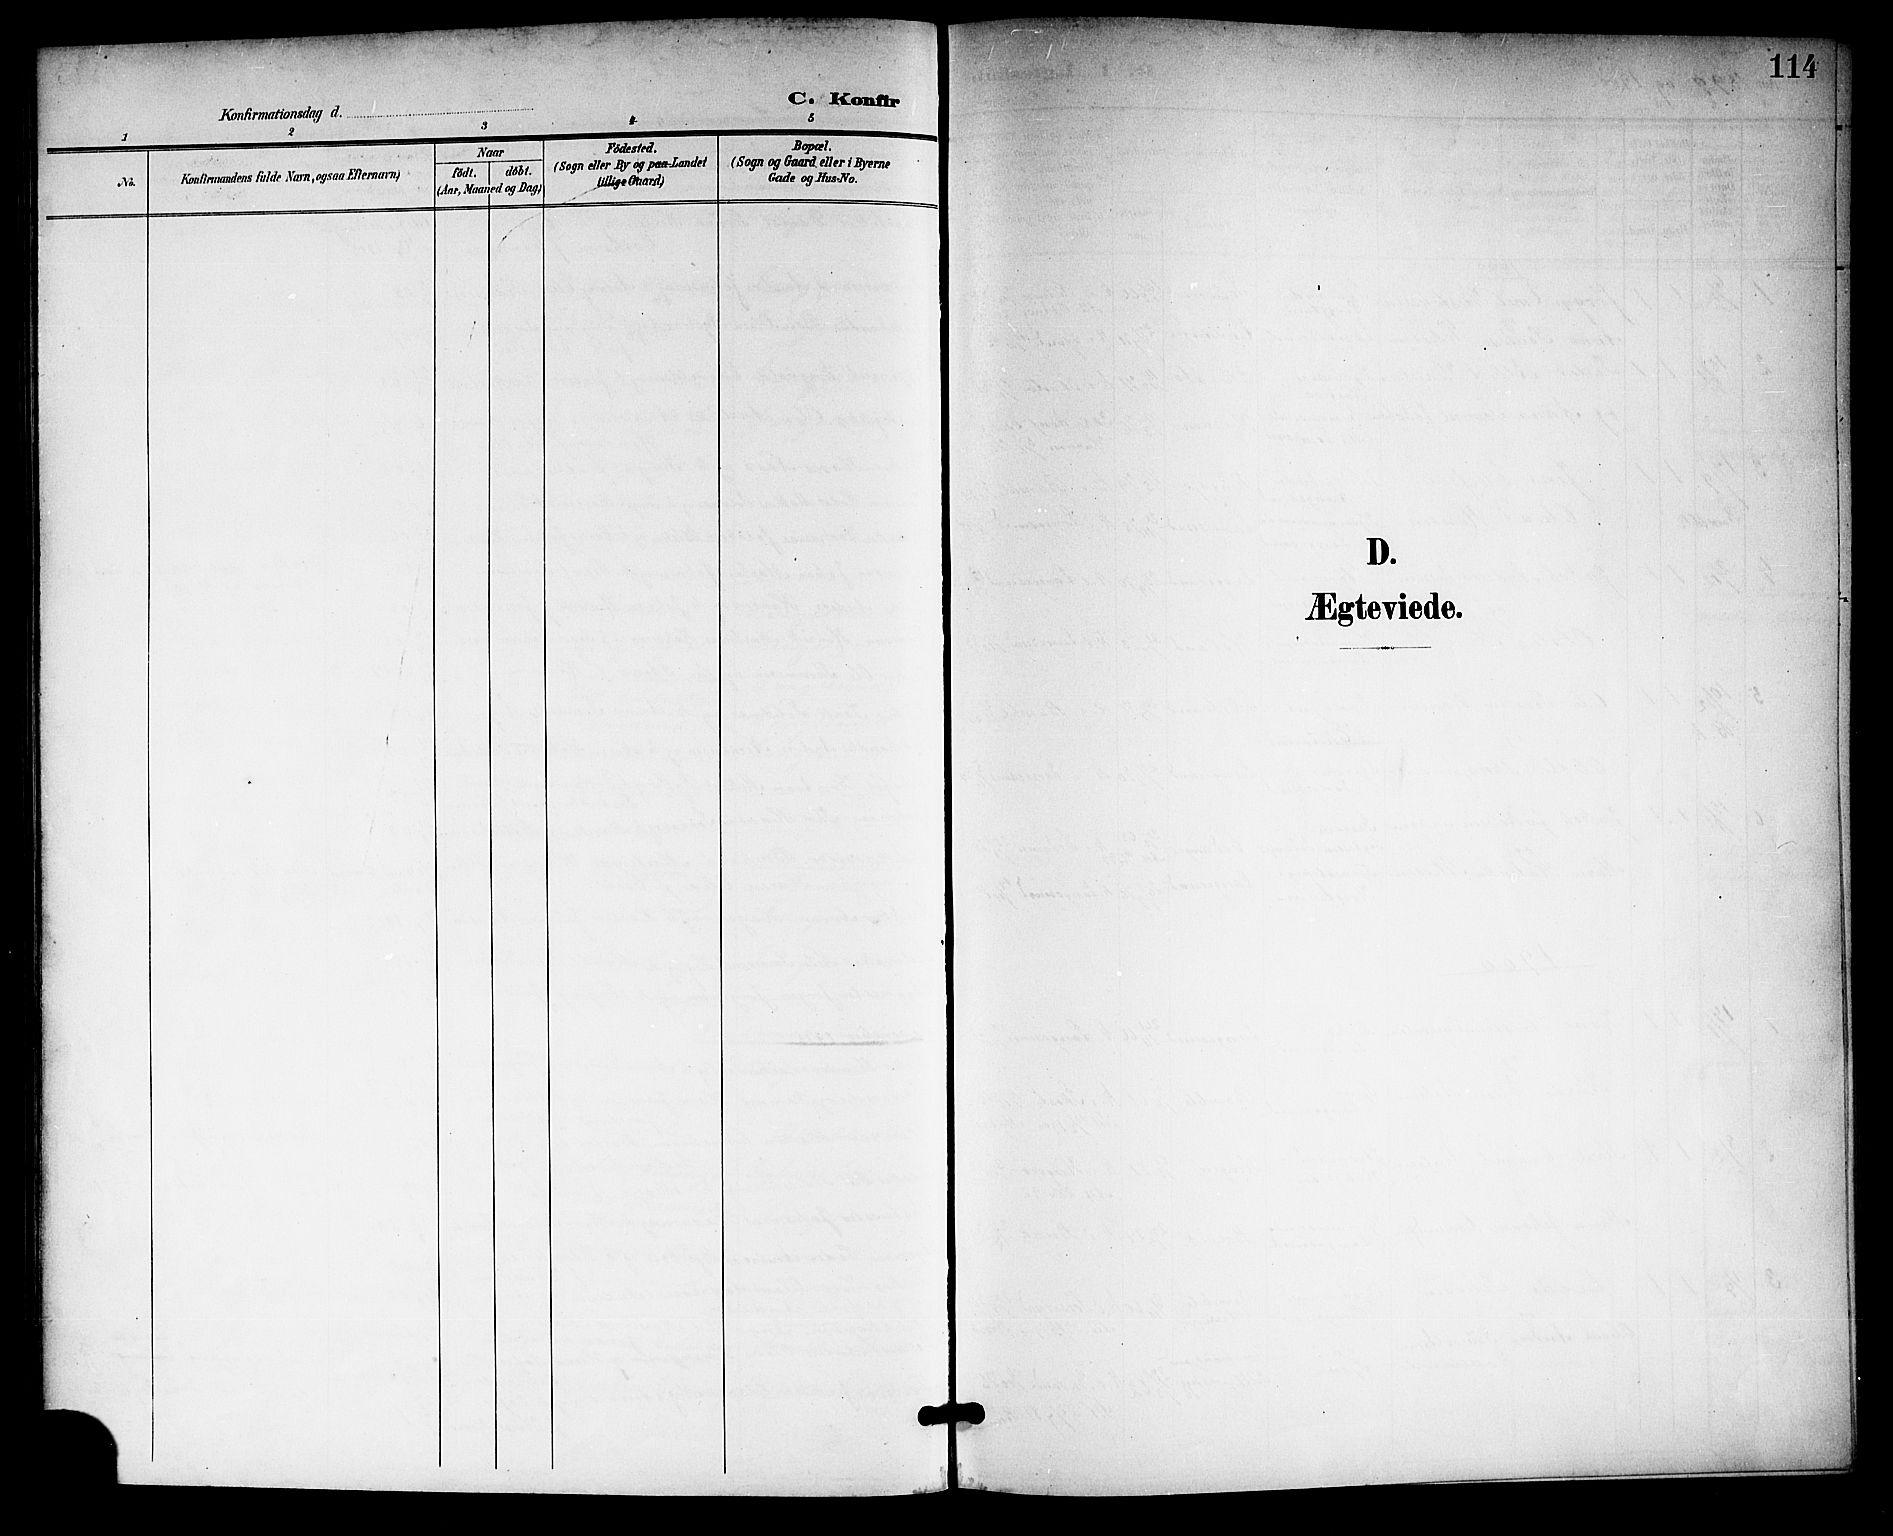 SAKO, Langesund kirkebøker, G/Ga/L0006: Klokkerbok nr. 6, 1899-1918, s. 114